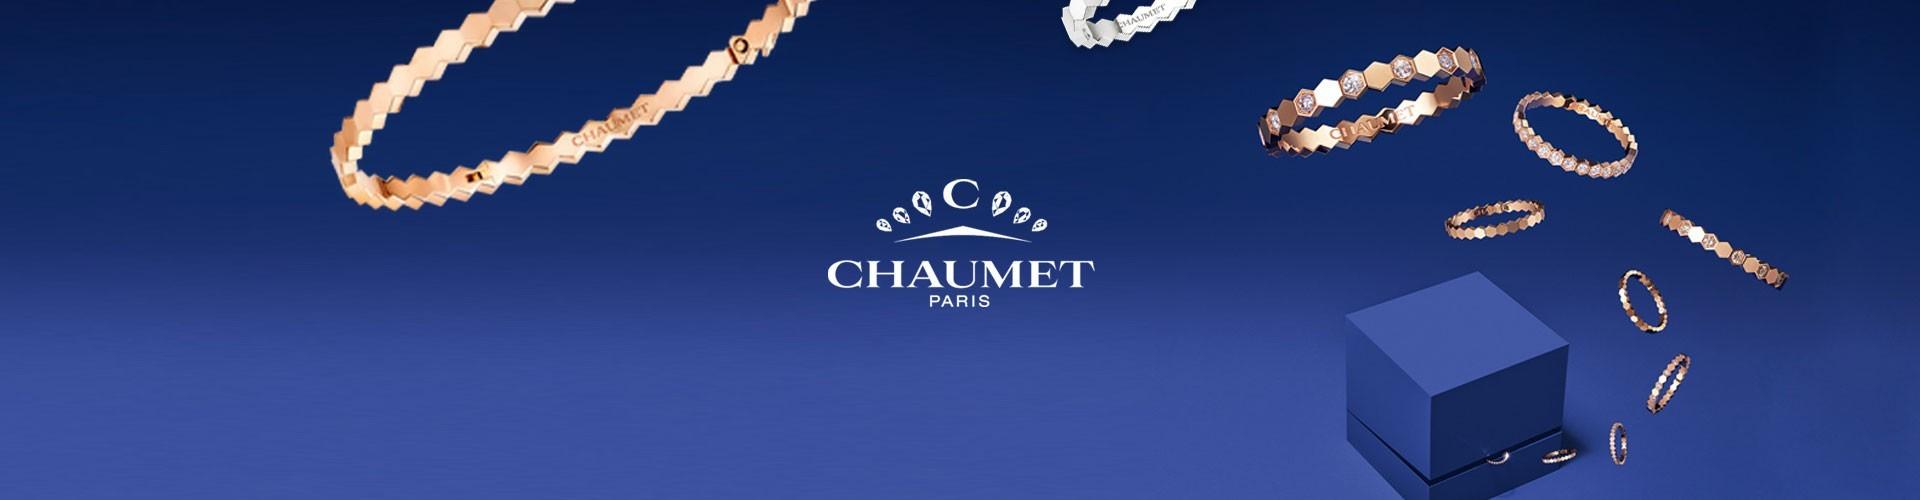 Joaillerie Chaumet - Joaillier de luxe en Tunisie chez Ben Jannet